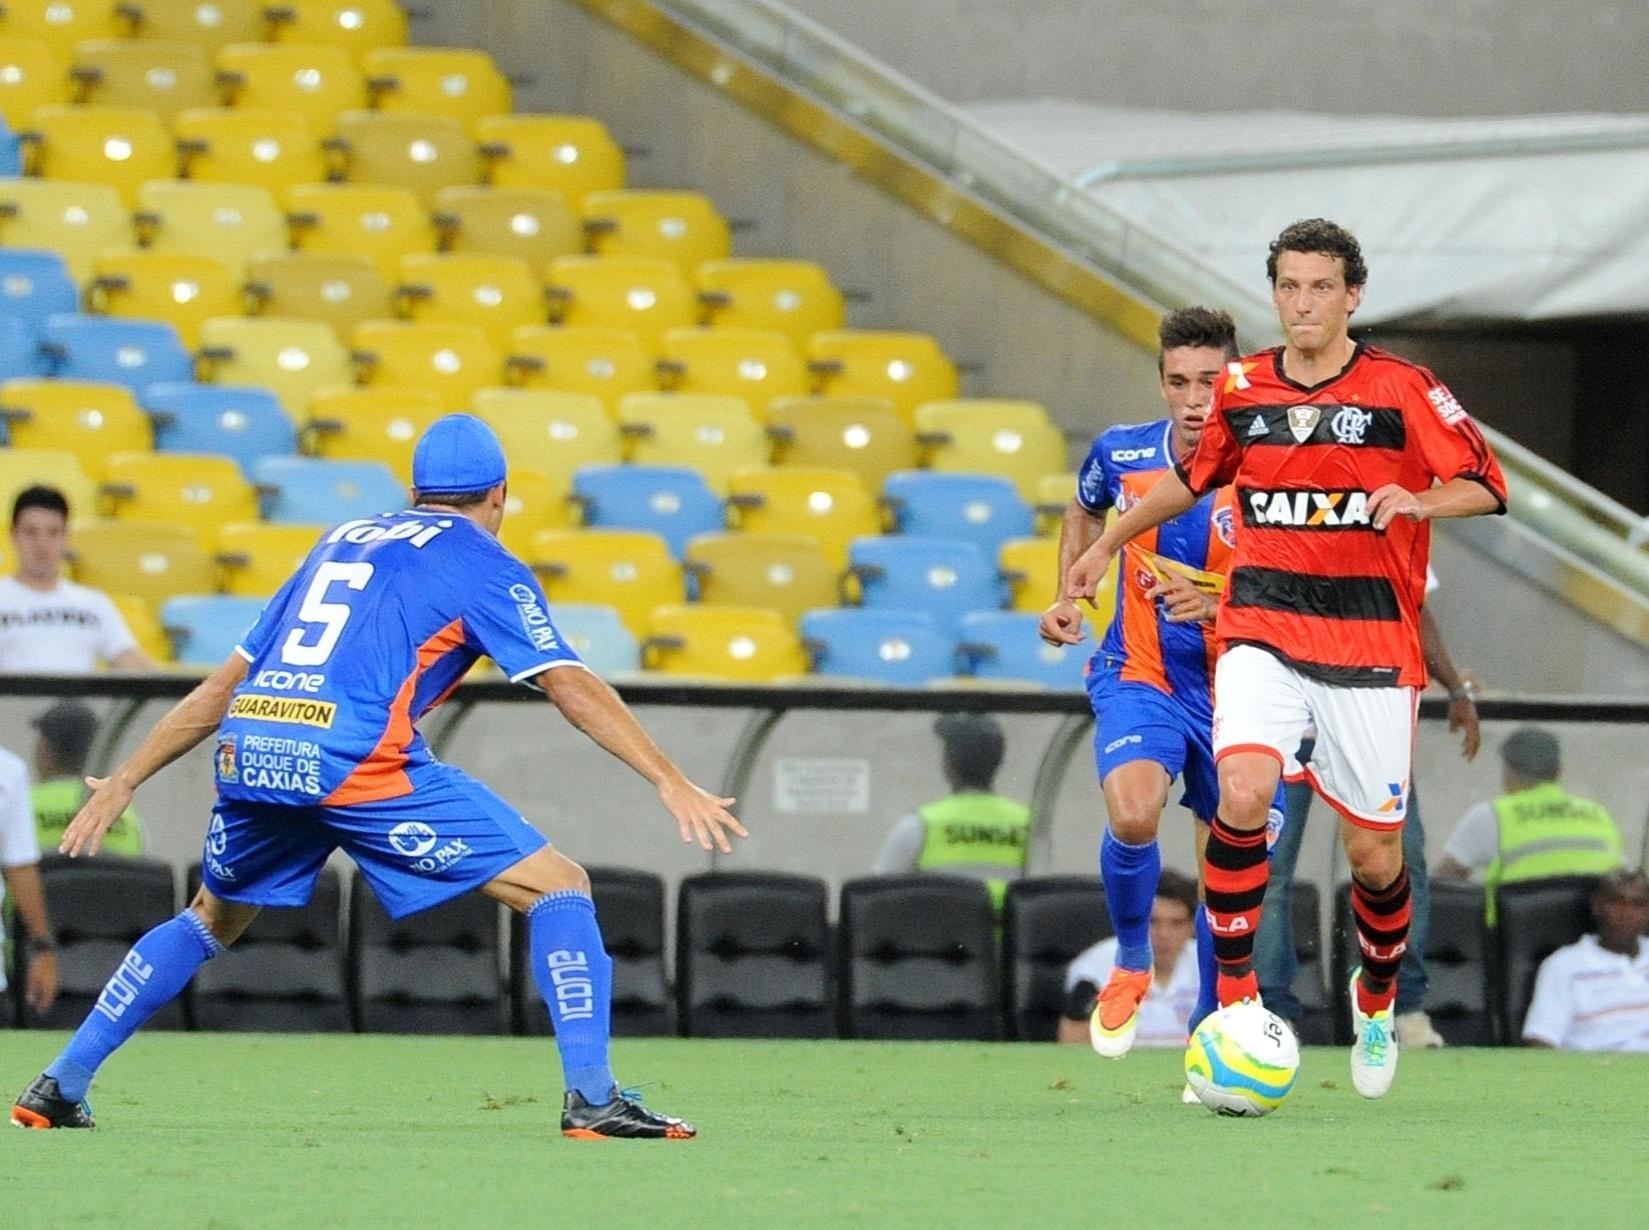 25.jan.2014 - Elano estreia pelo Flamengo em jogo contra o Duque de Caxias pelo Campeonato Carioca